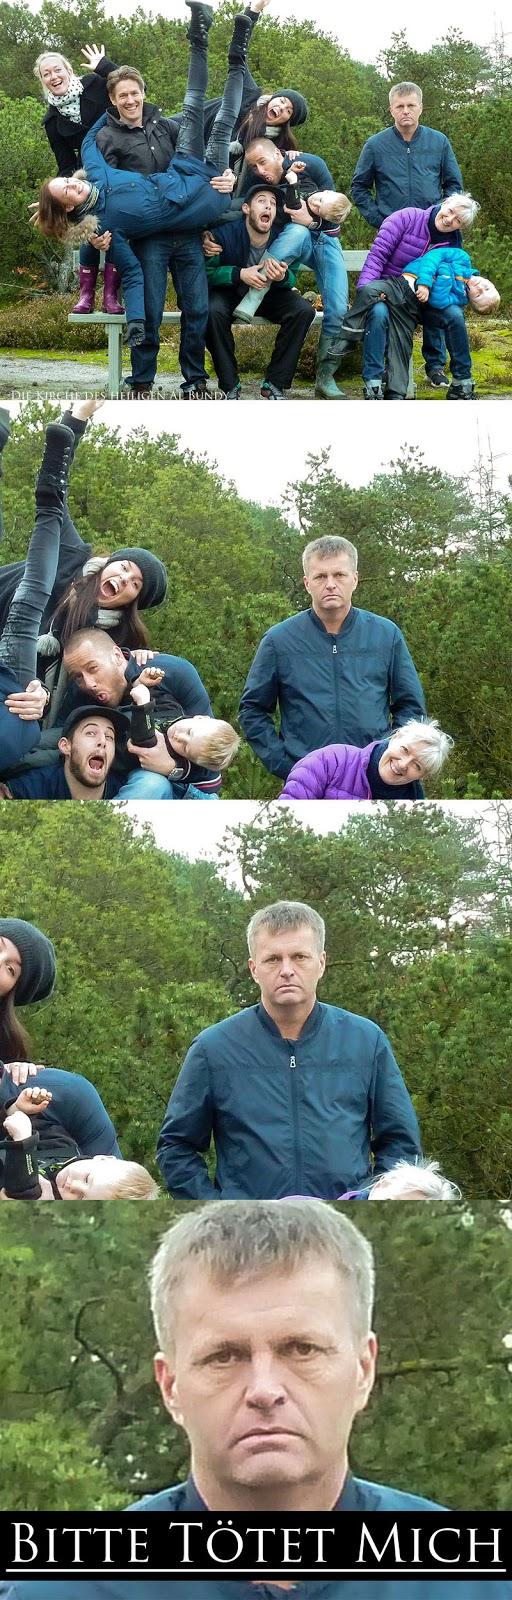 Freunde machen lustiges Gruppenfoto mit Miesepeter lustig